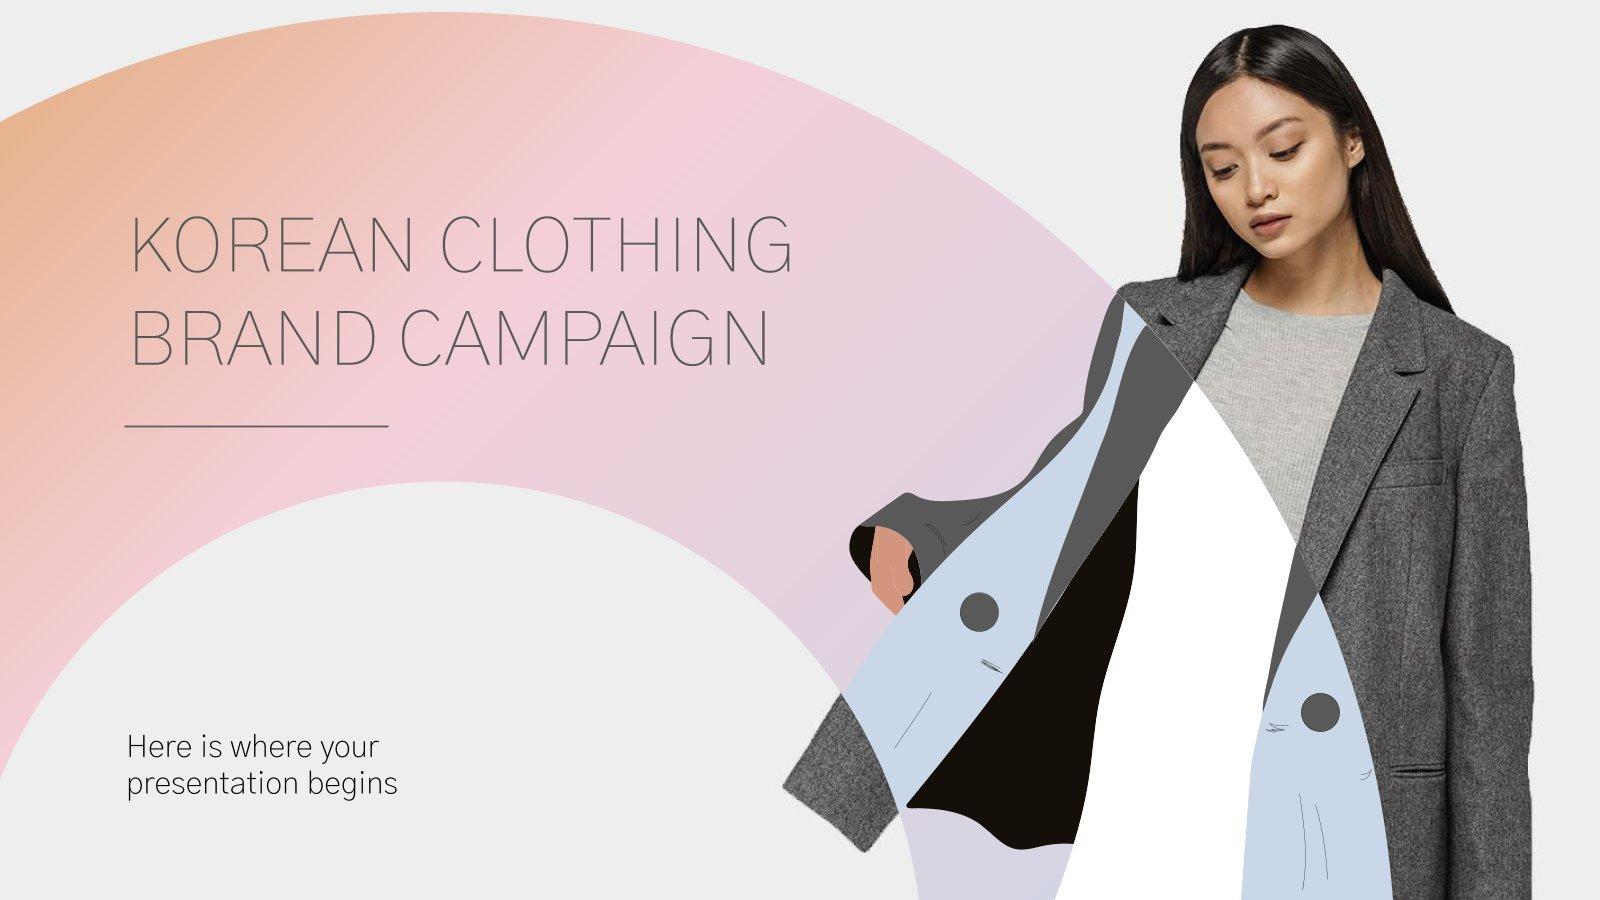 Modelo de apresentação Campanha da marca de roupas coreana